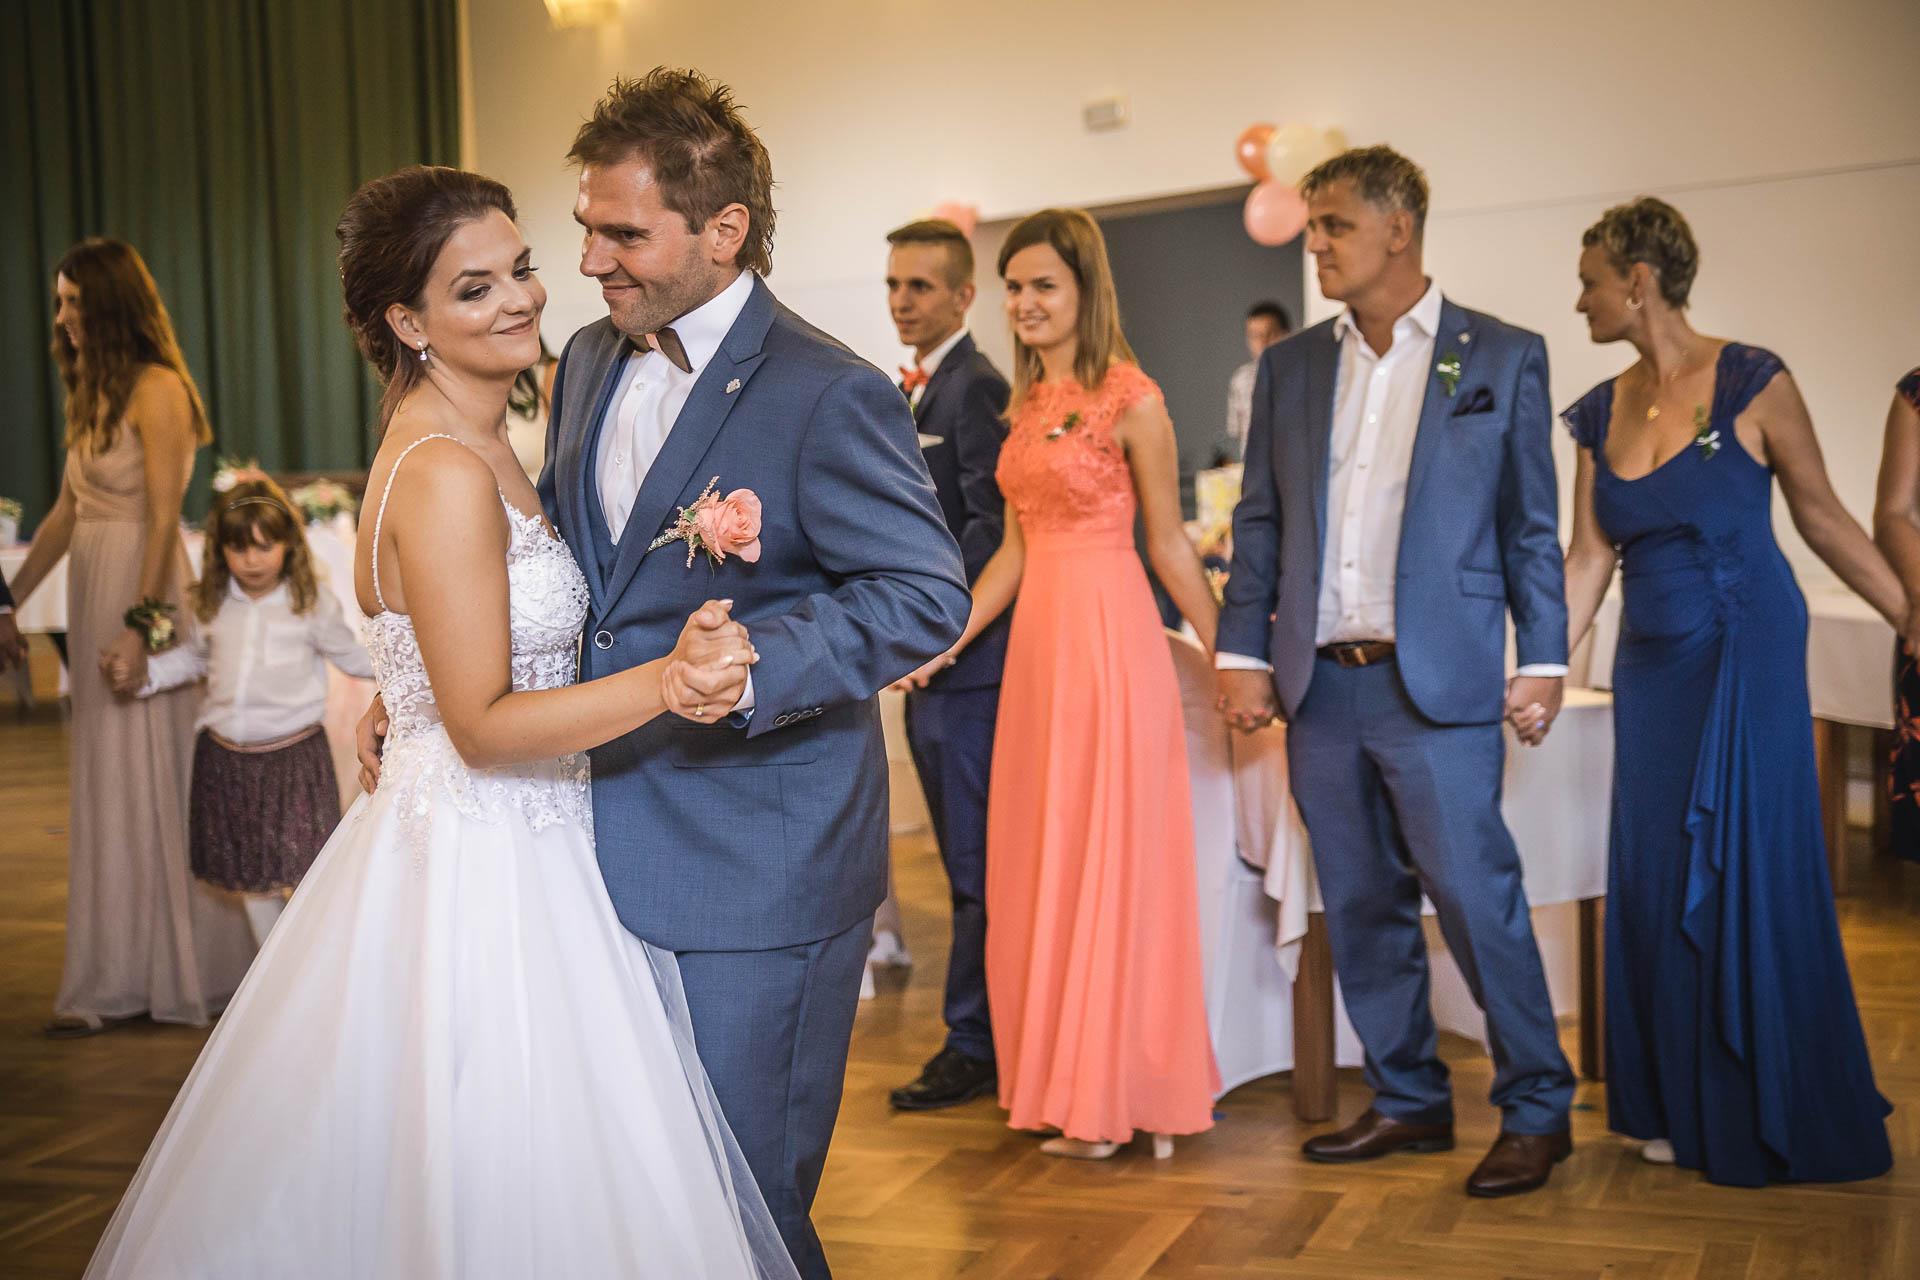 svatební-fotografie-Říp-svatební-video-ŘÍP-svatební-fotograf-ŘÍP-svatba-Mělník-svatba-Neratovice-fotograf-na-savtbu-kameraman-na-svatbu-269